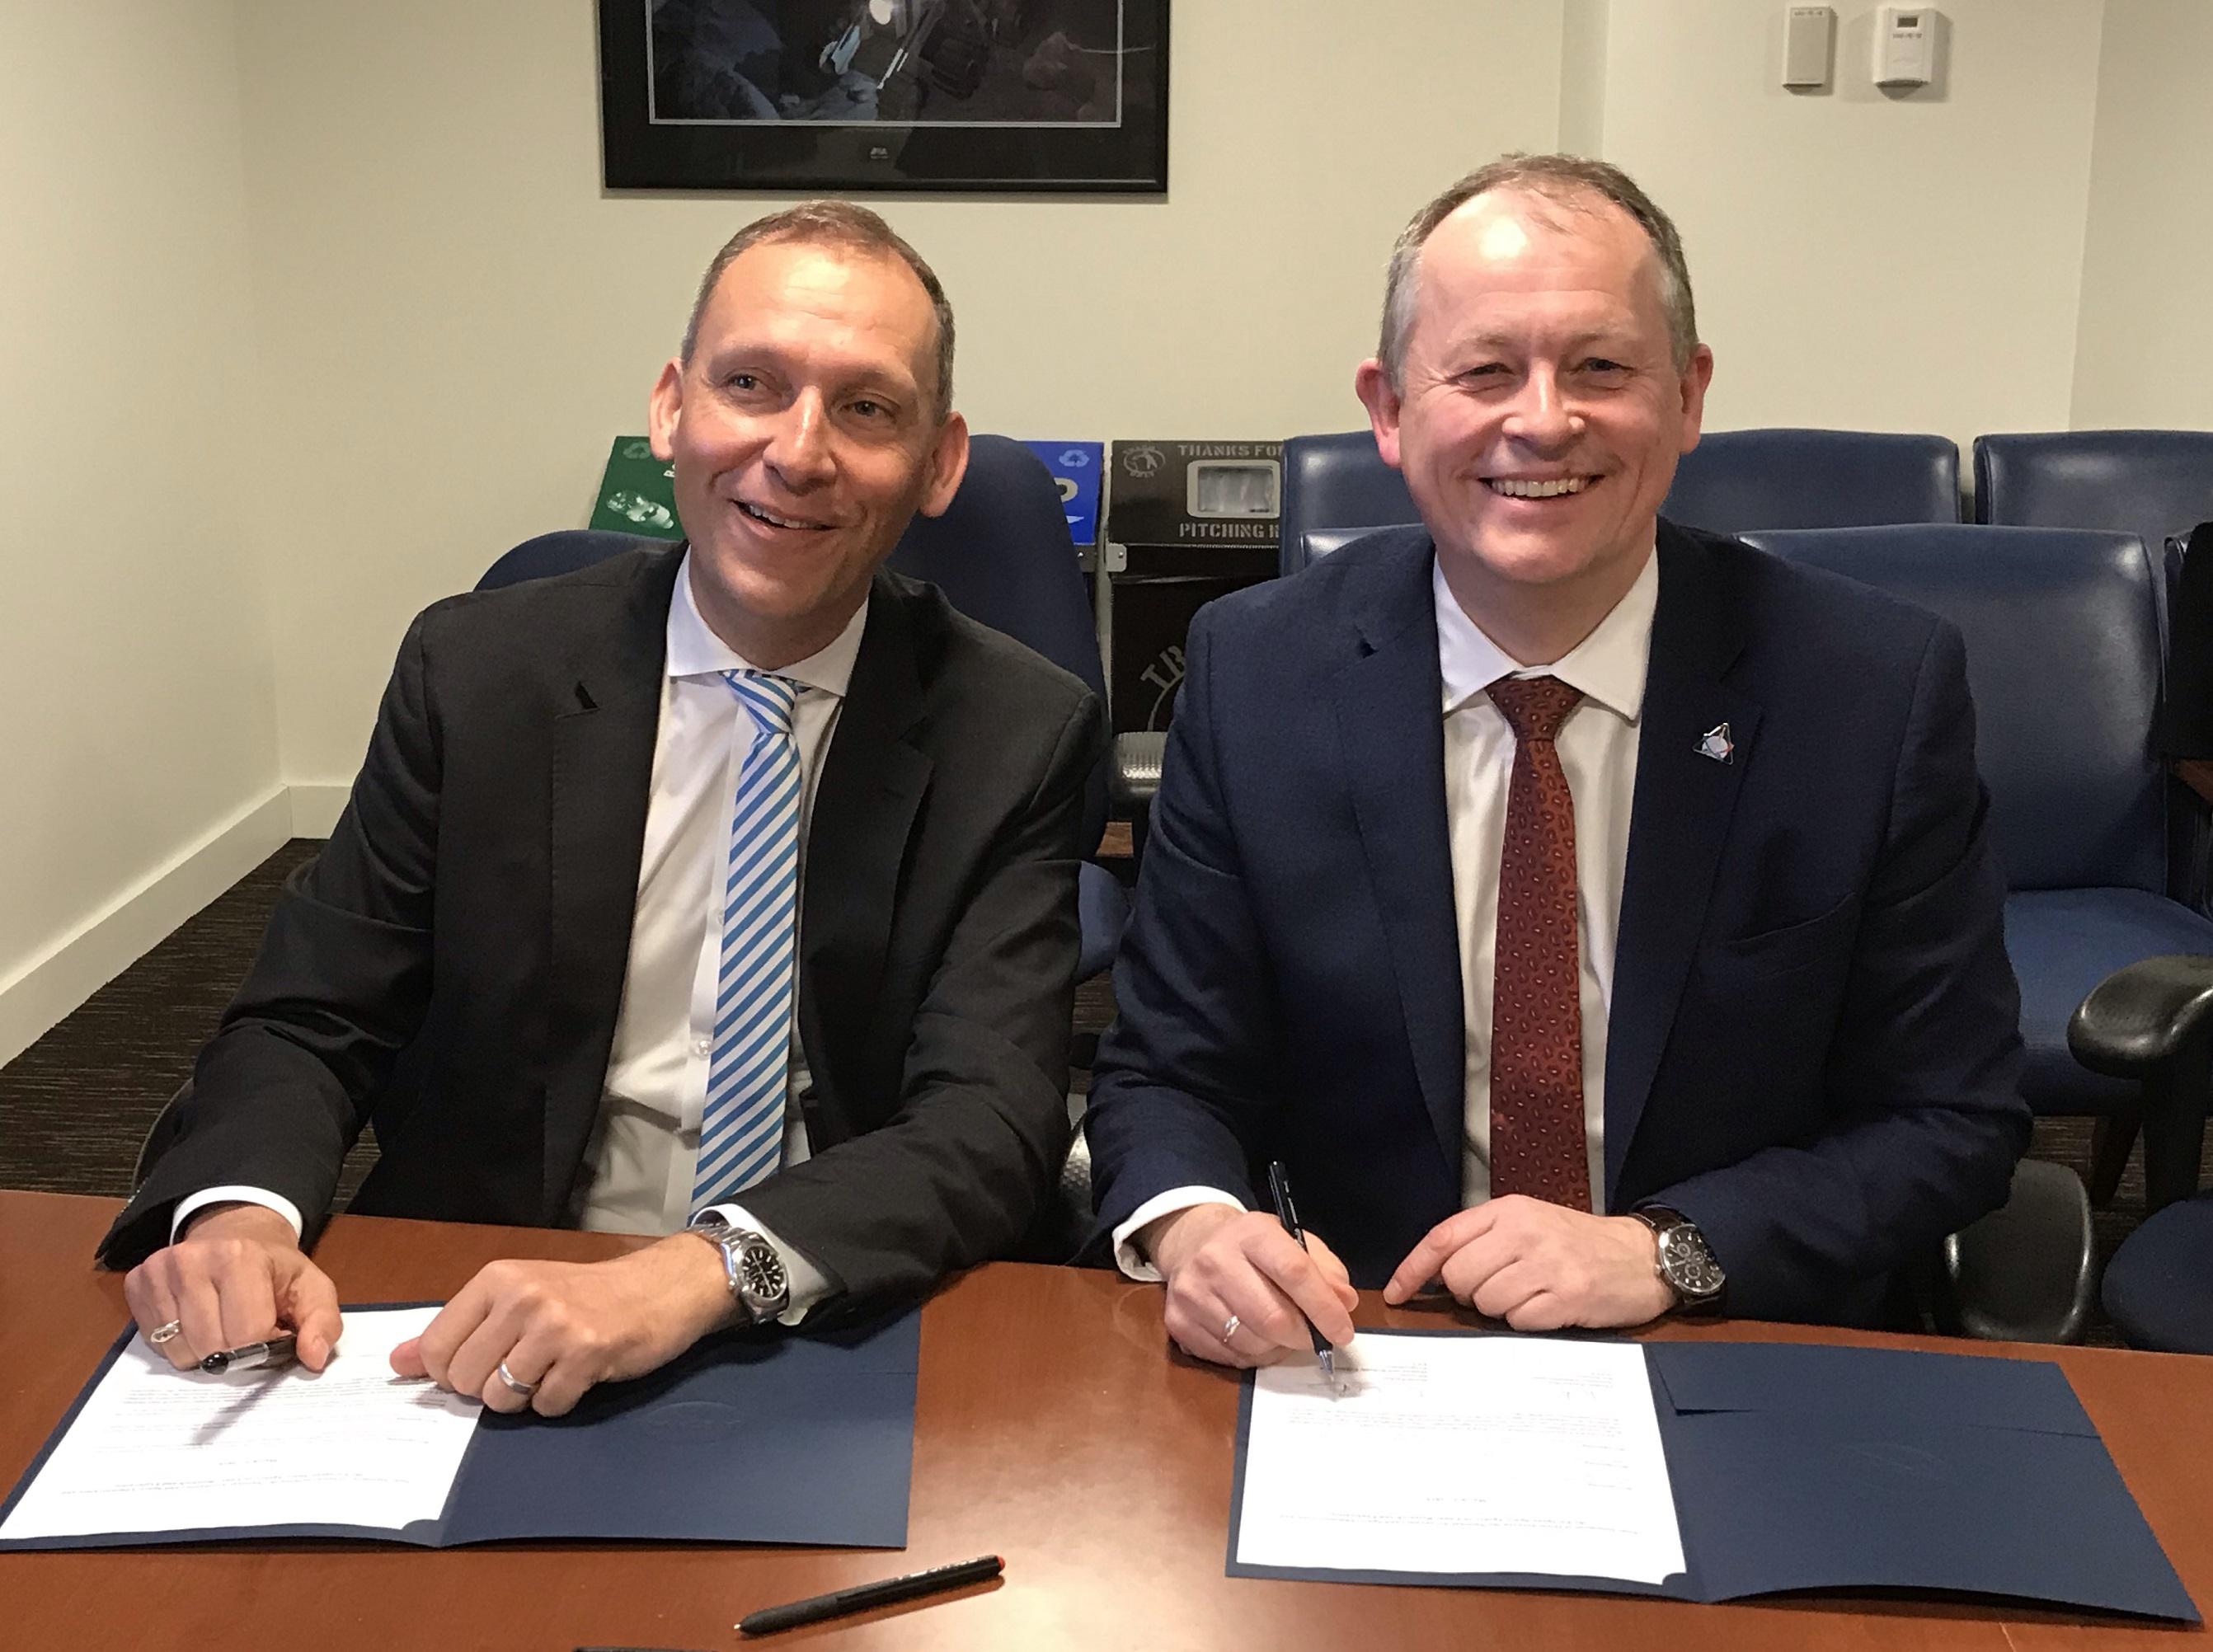 Avtalen mellom ESA og NASA om utforsking av månen ble undertegnet av Thomas Zurbichen ( til venstre), en av de øverste lederne for NASAs Vitenskapsdirektorat, og David Parker (til høyre), ESAs Direktør for bemannet og robotisk utforsking. Foto: ESA/M. Tabache